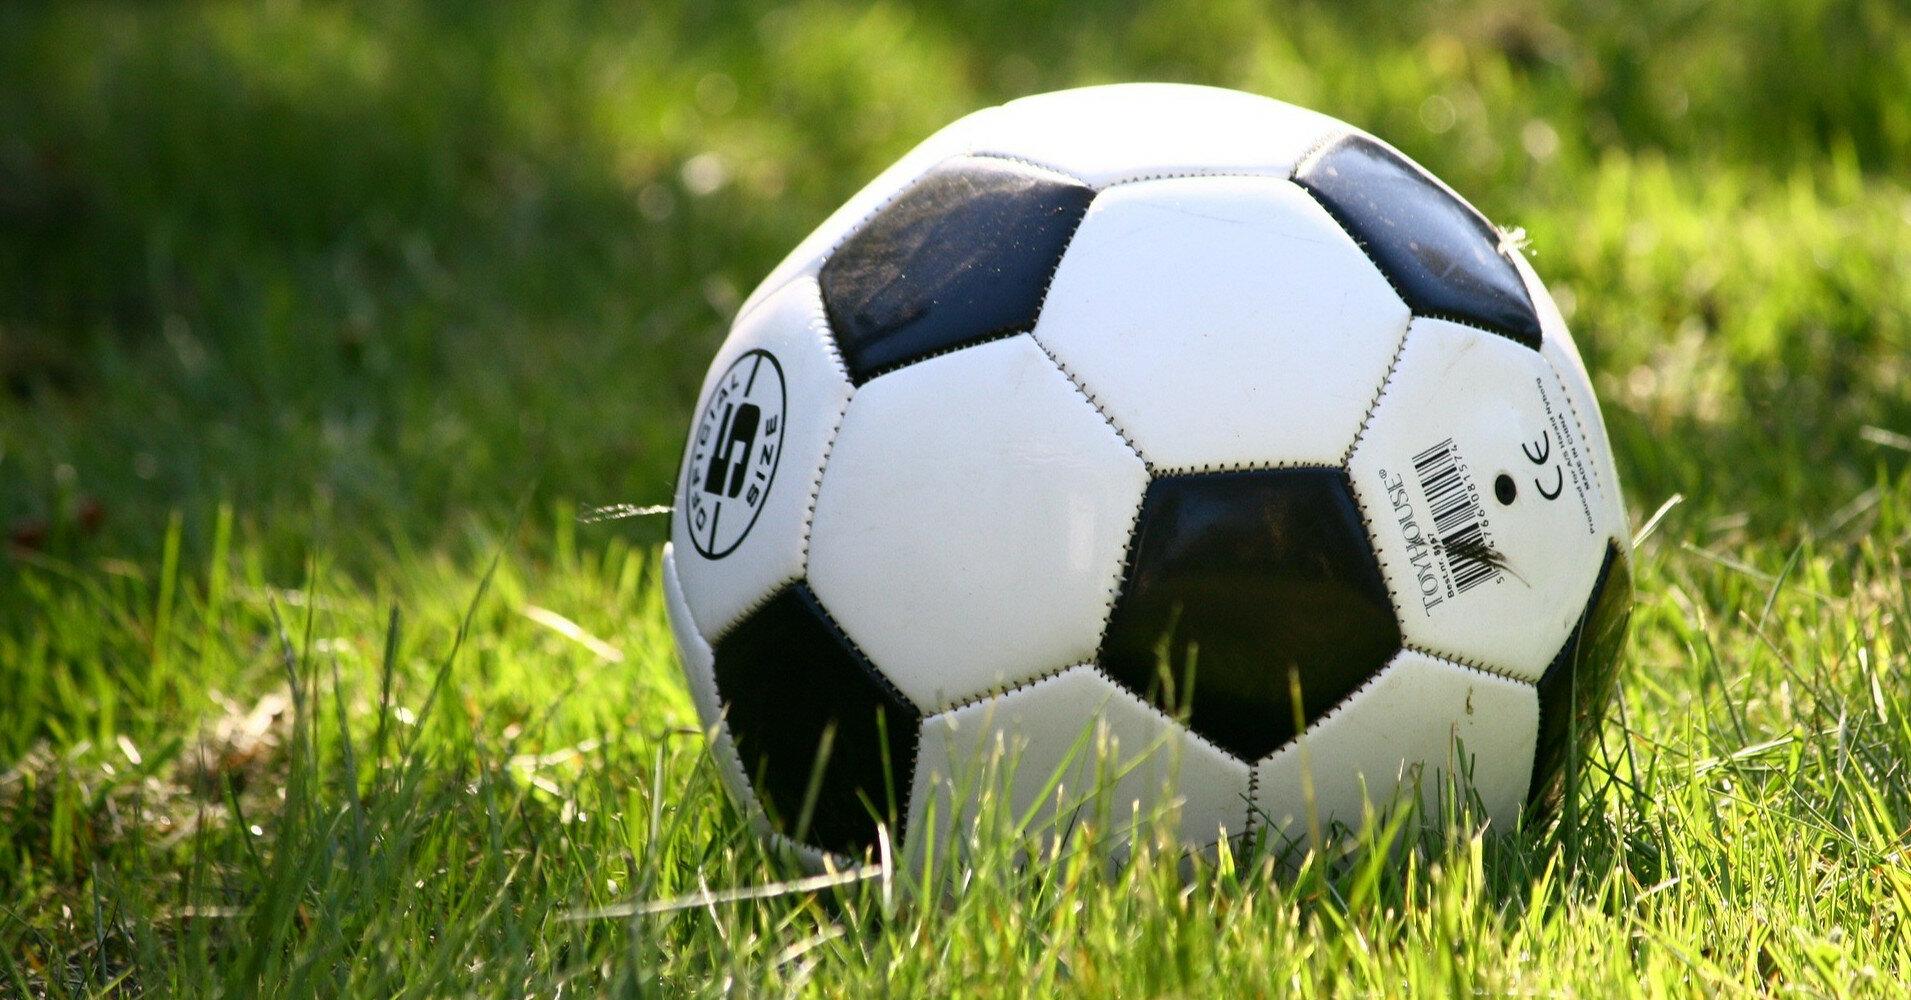 Футбольный турнир на Олимпиаде в Токио: календарь матчей